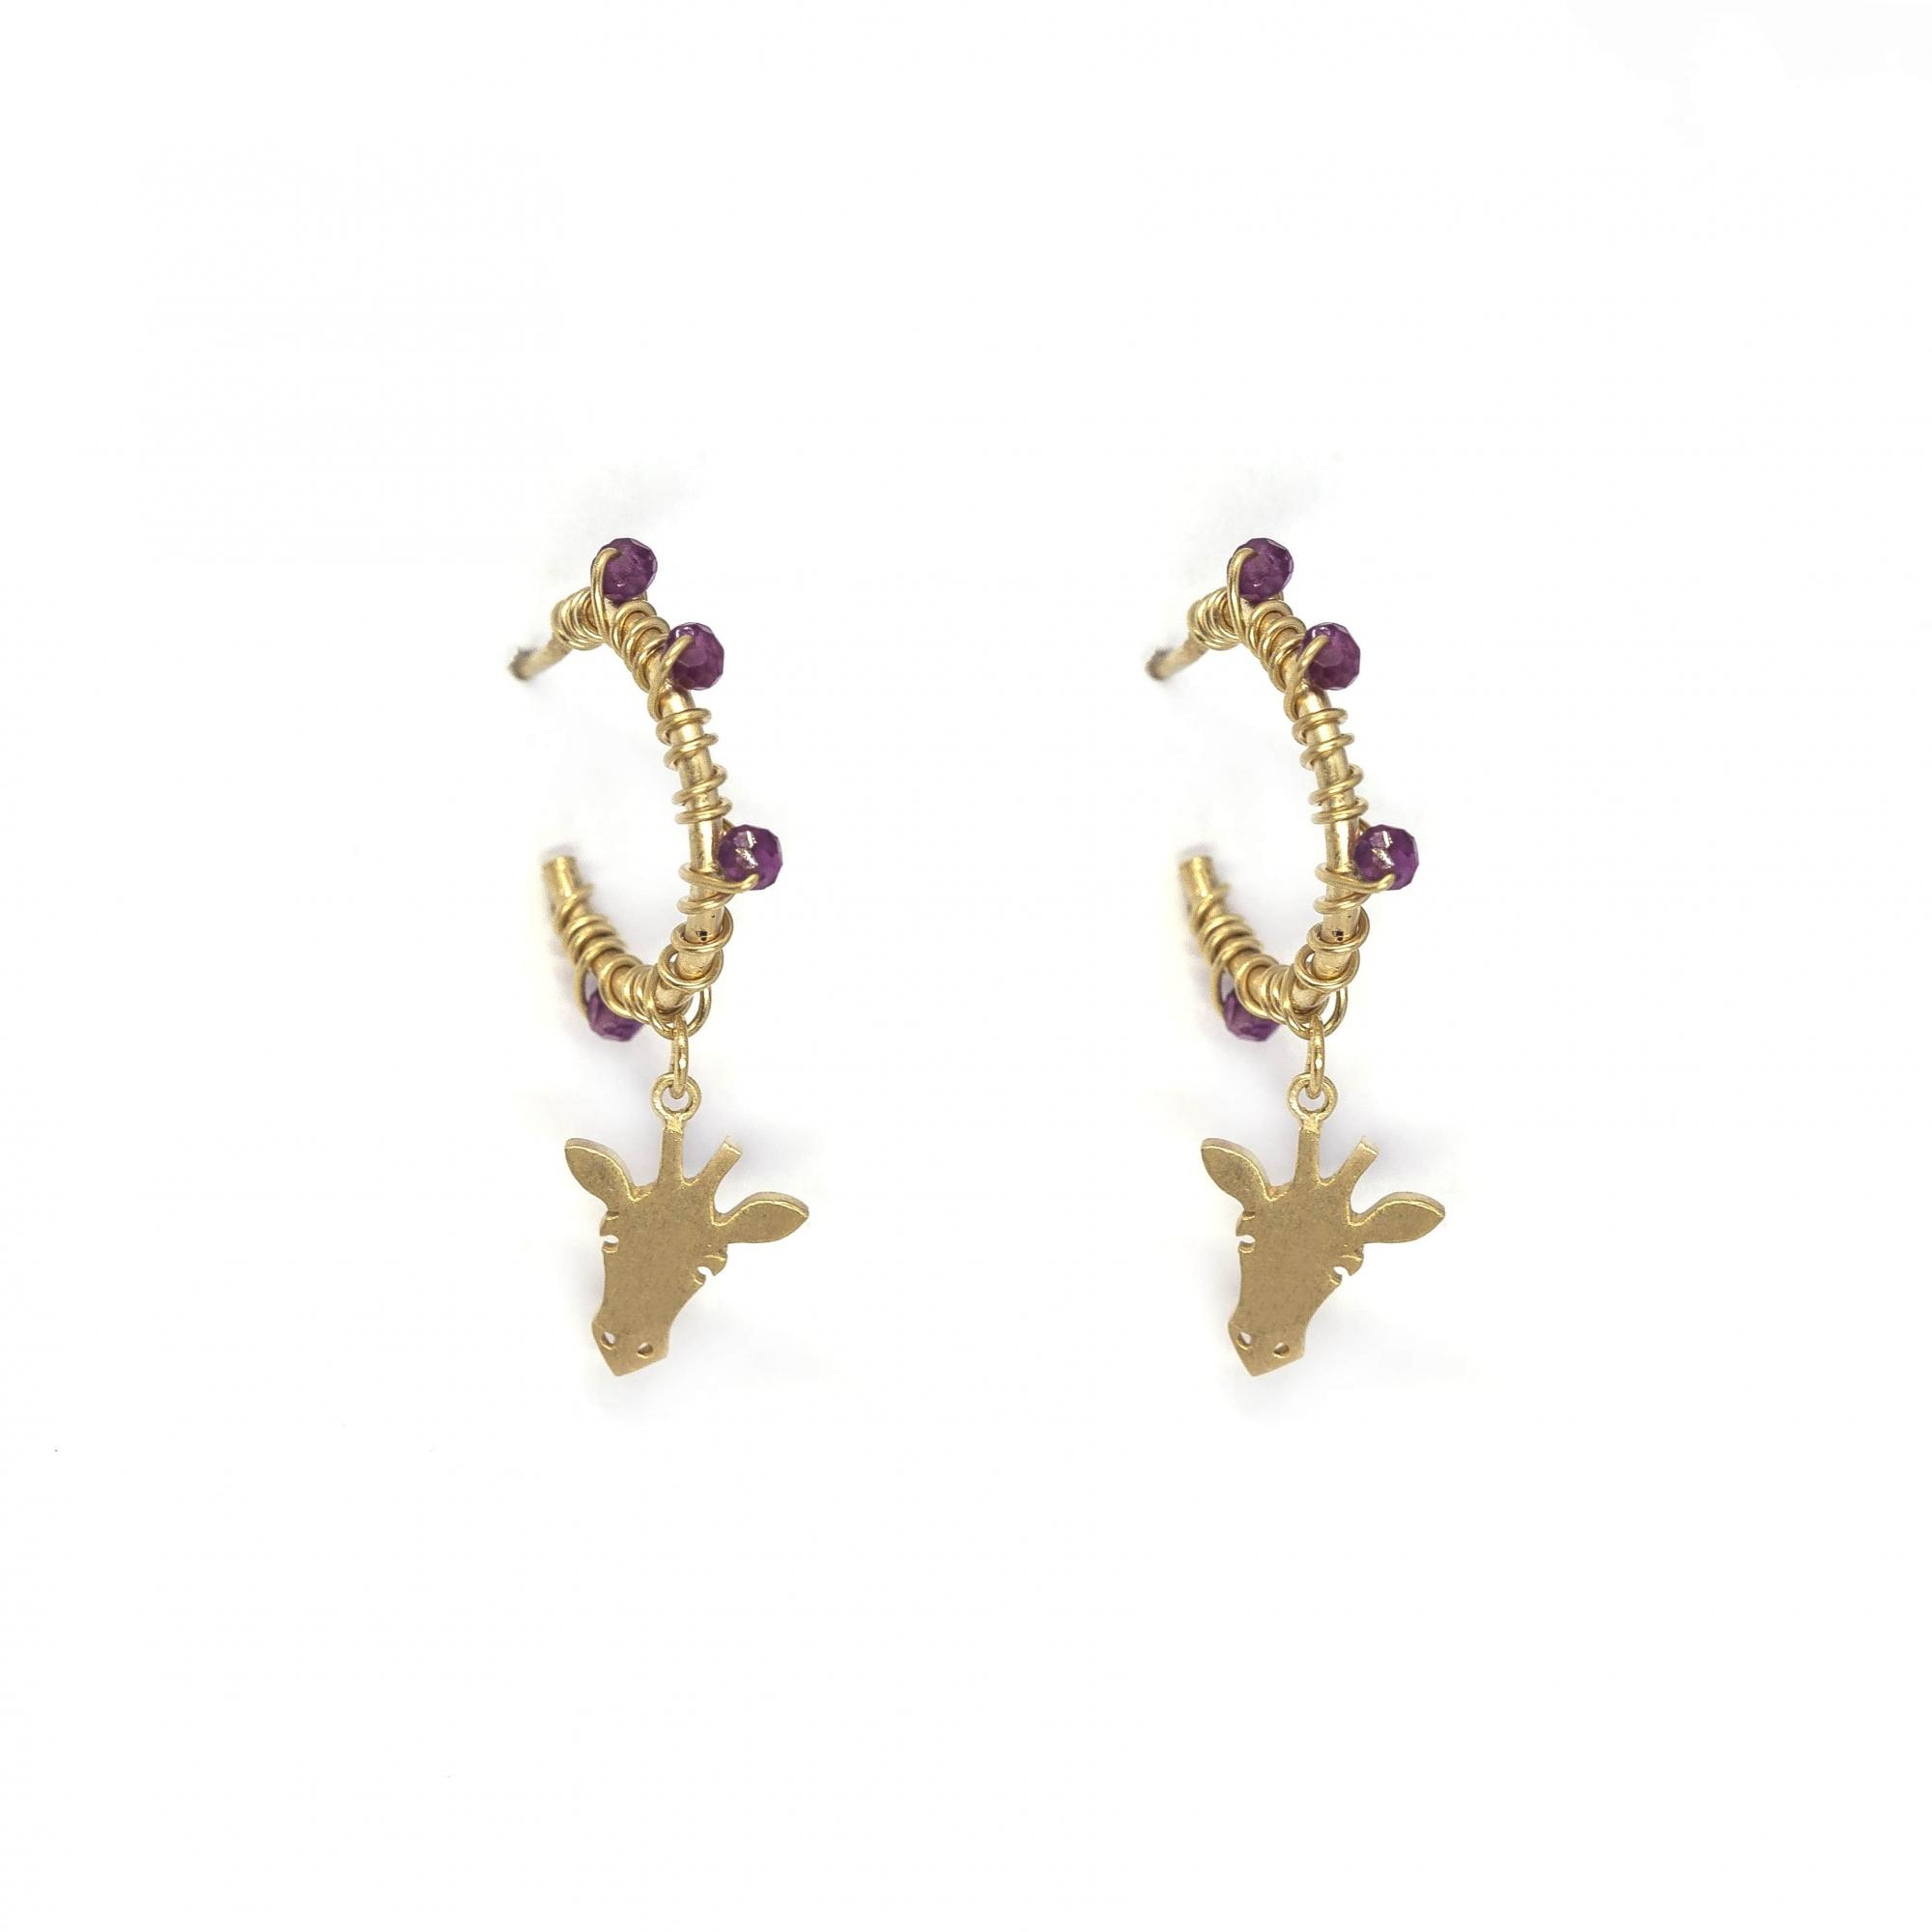 Argola p pedras girafa